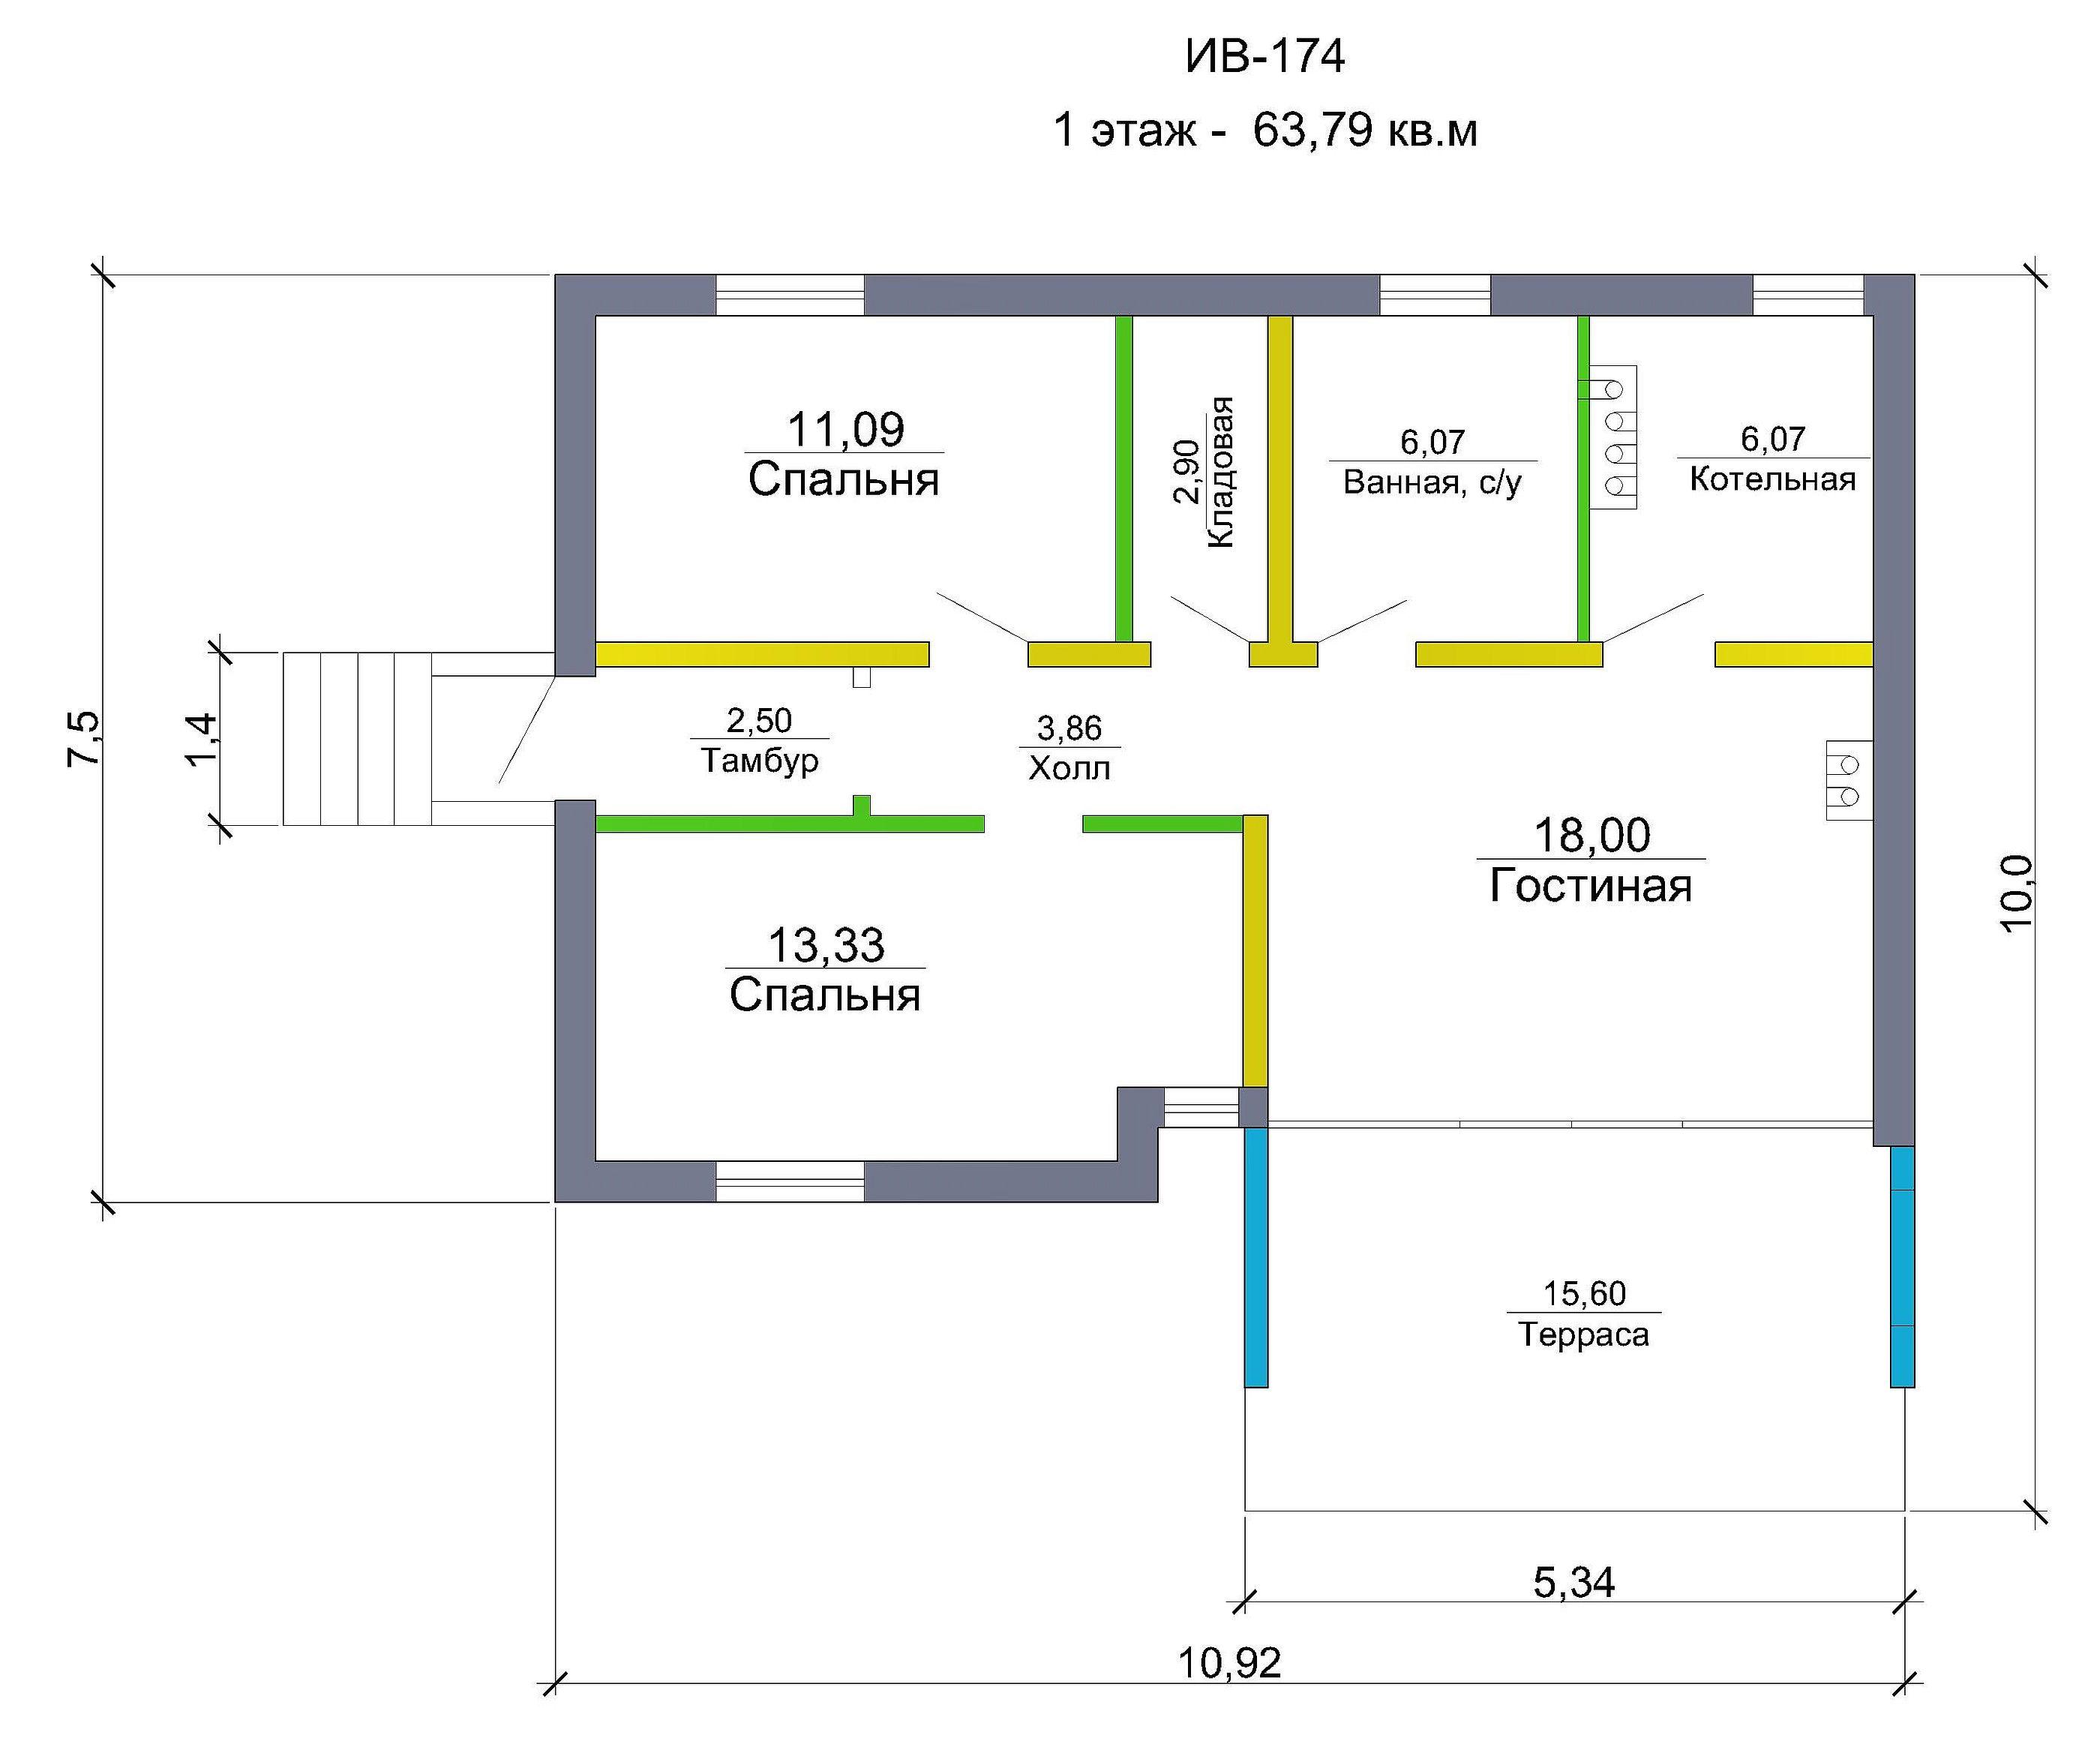 Проект каркасного дома 63 кв.м / Артикул ИВ-174 план